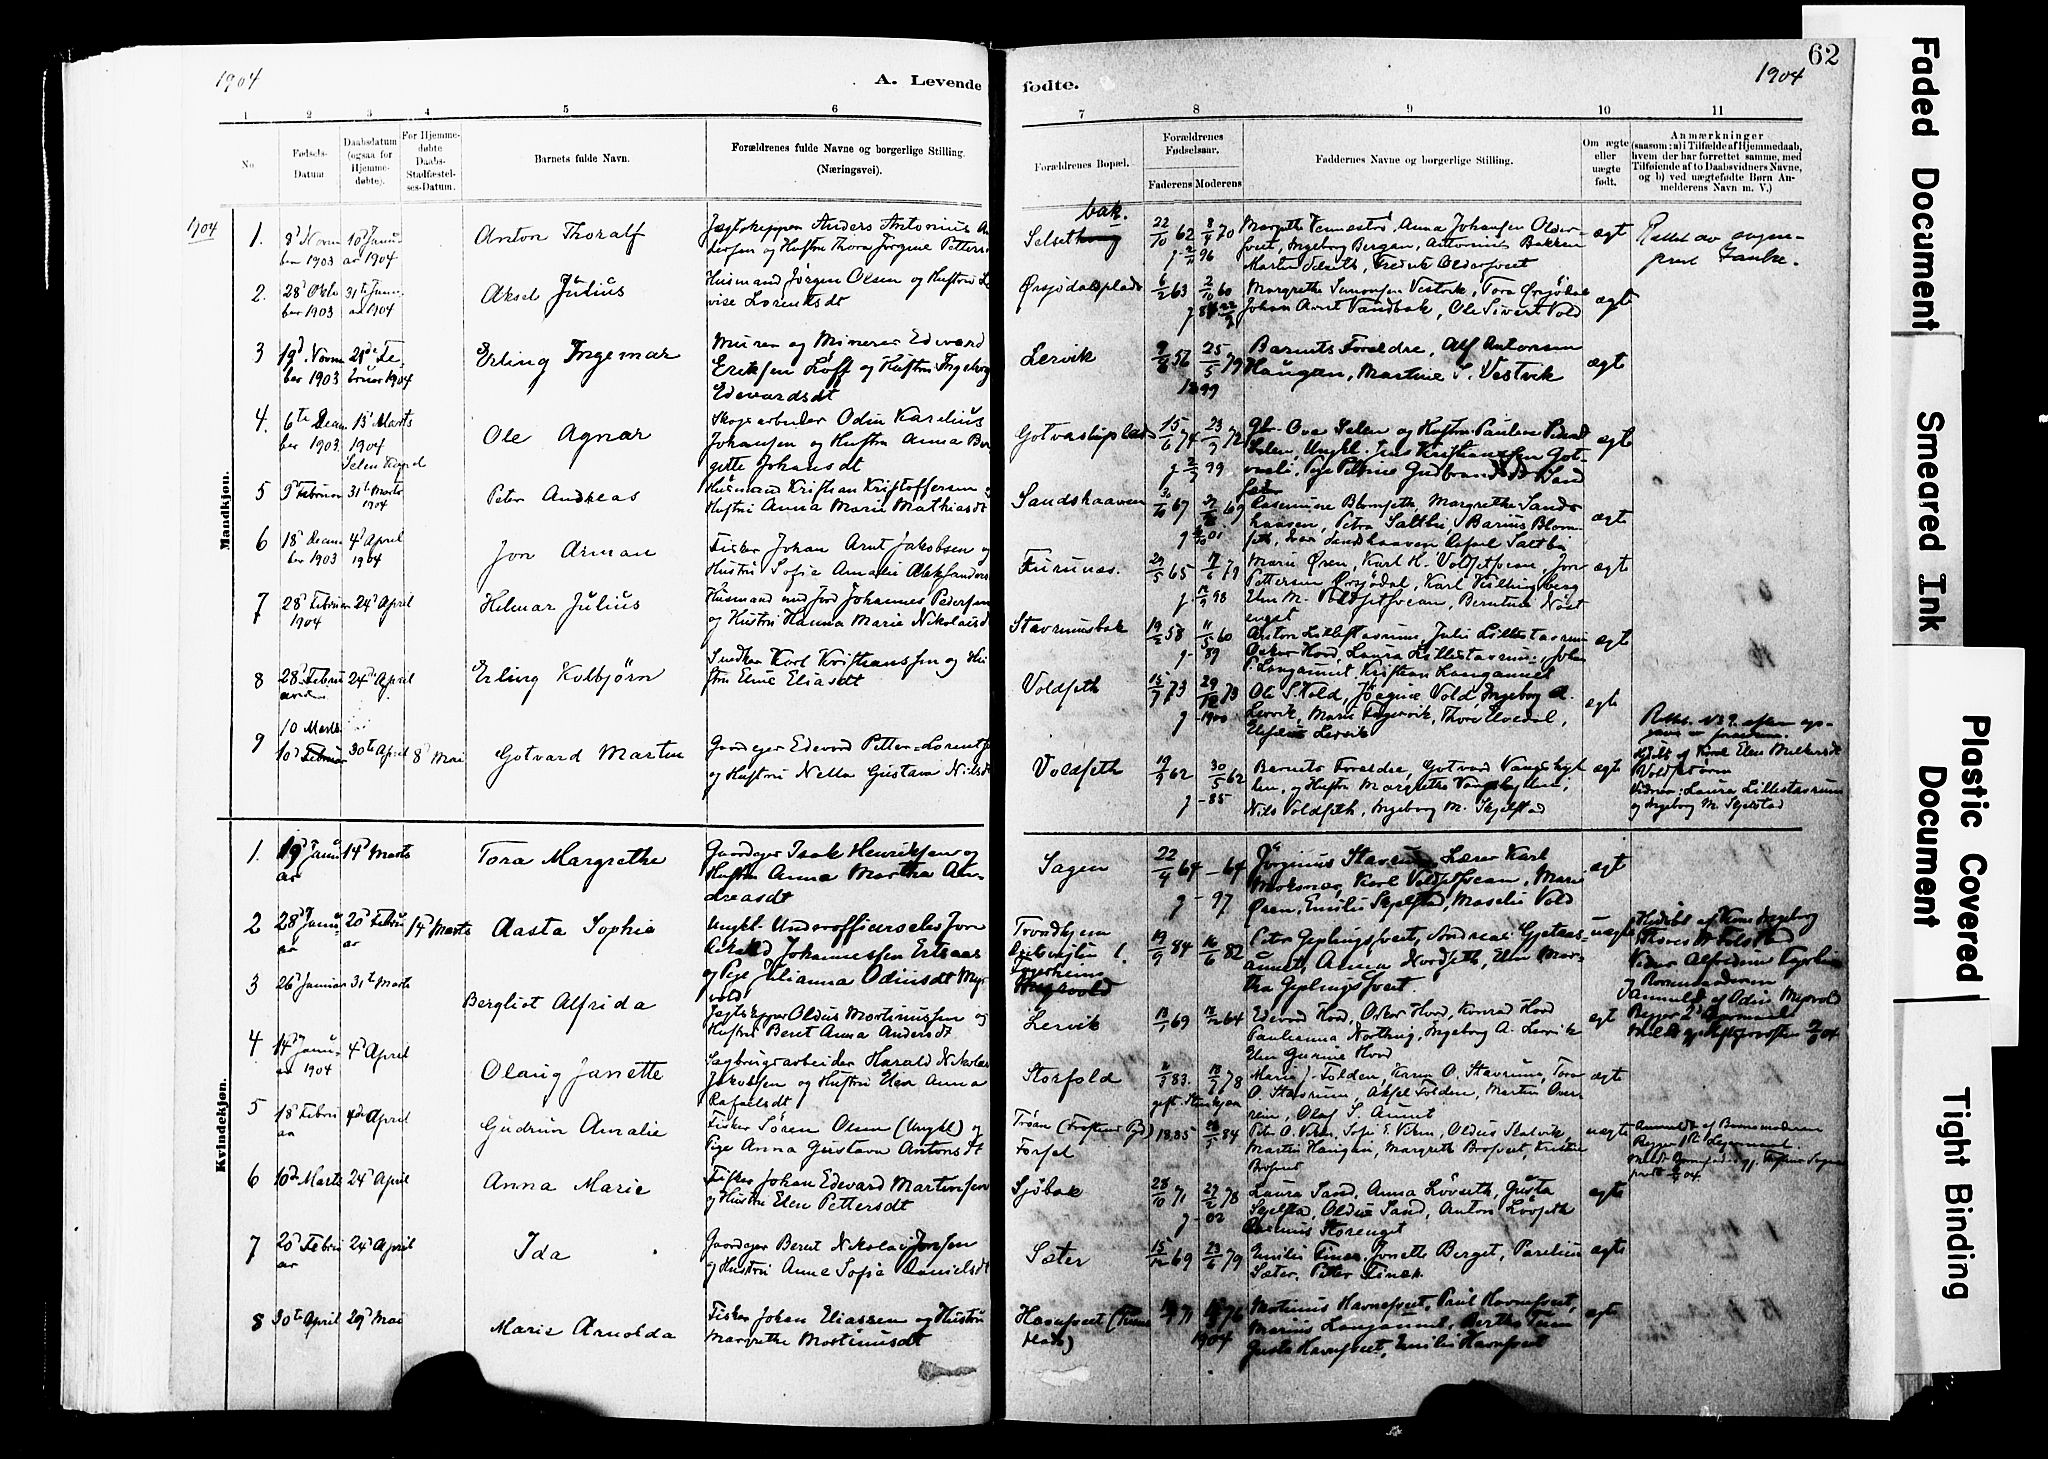 SAT, Ministerialprotokoller, klokkerbøker og fødselsregistre - Nord-Trøndelag, 744/L0420: Ministerialbok nr. 744A04, 1882-1904, s. 62